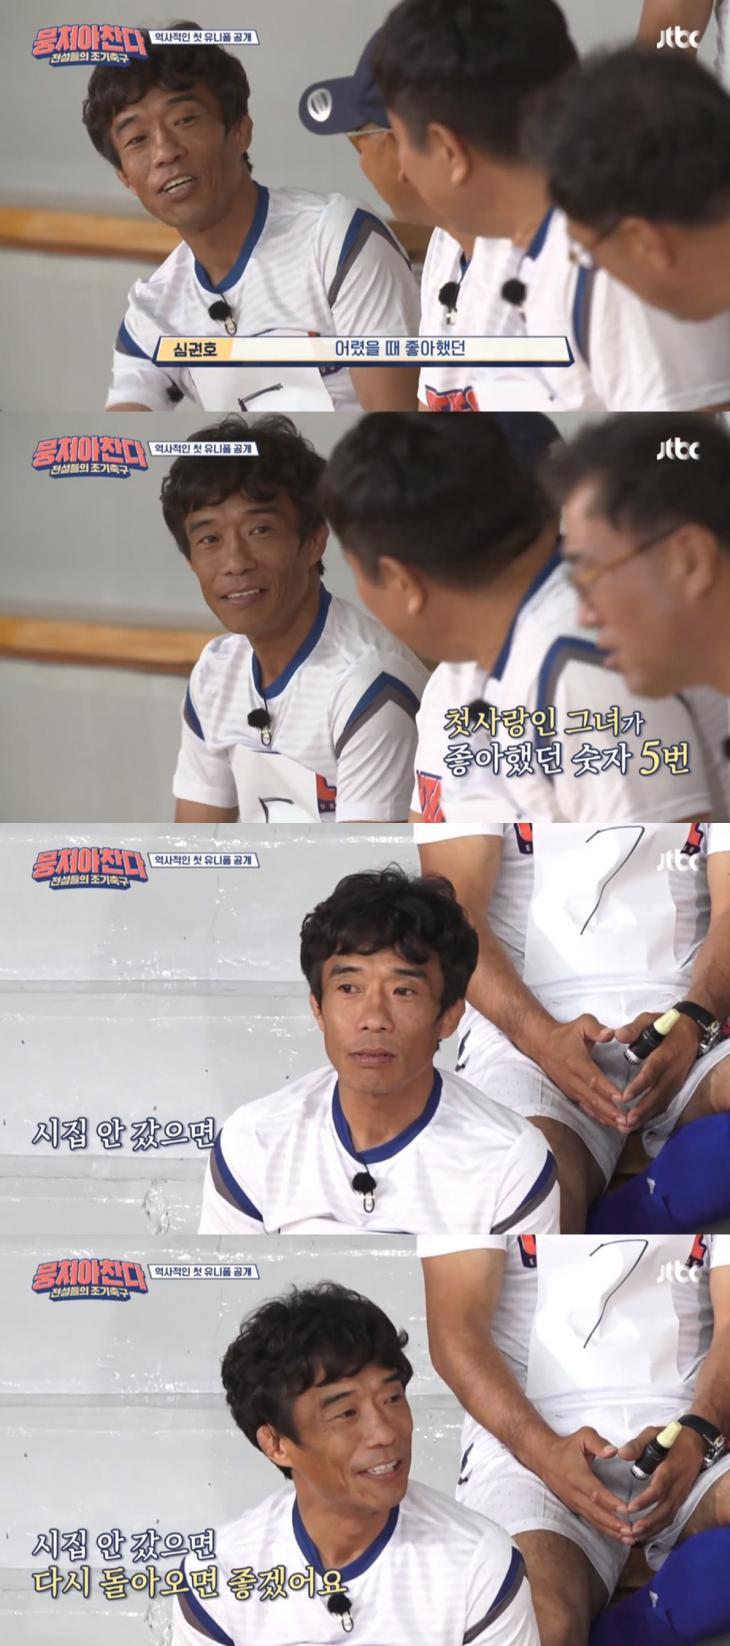 JTBC '뭉쳐야 찬다' 방송 캡처